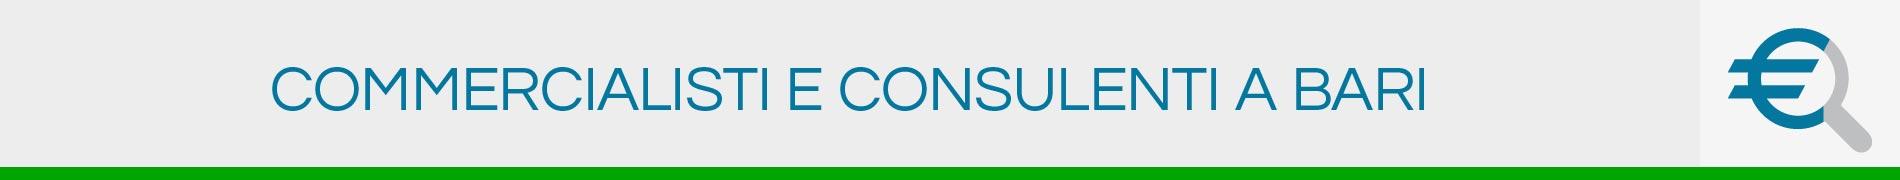 Commercialisti e Consulenti a Bari